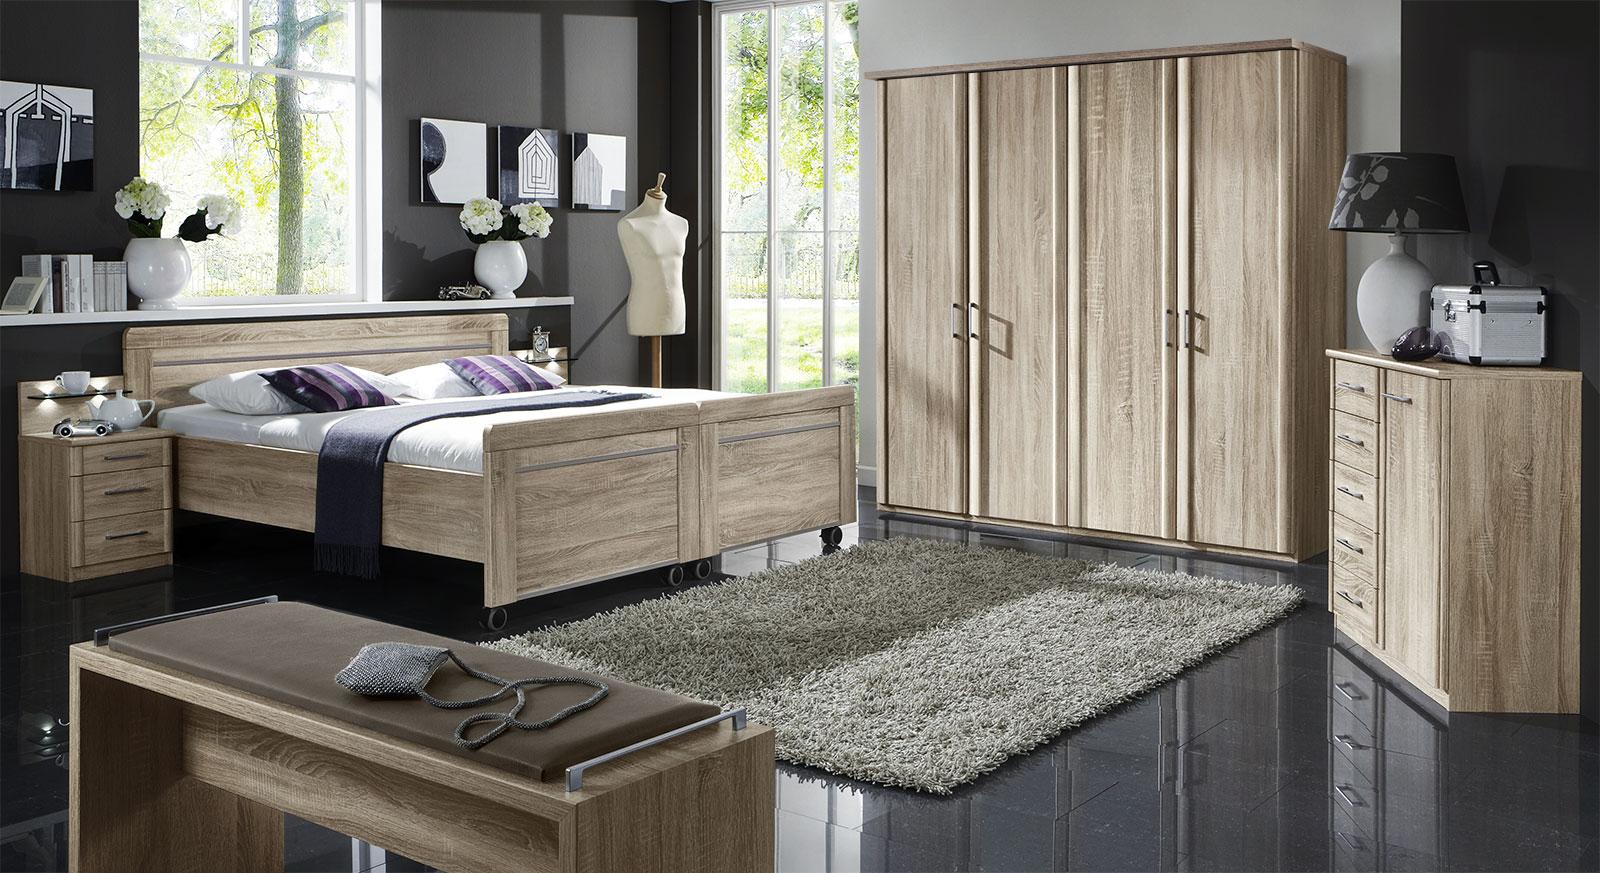 Komplett-Schlafzimmer Runcorn in Eiche sägerau